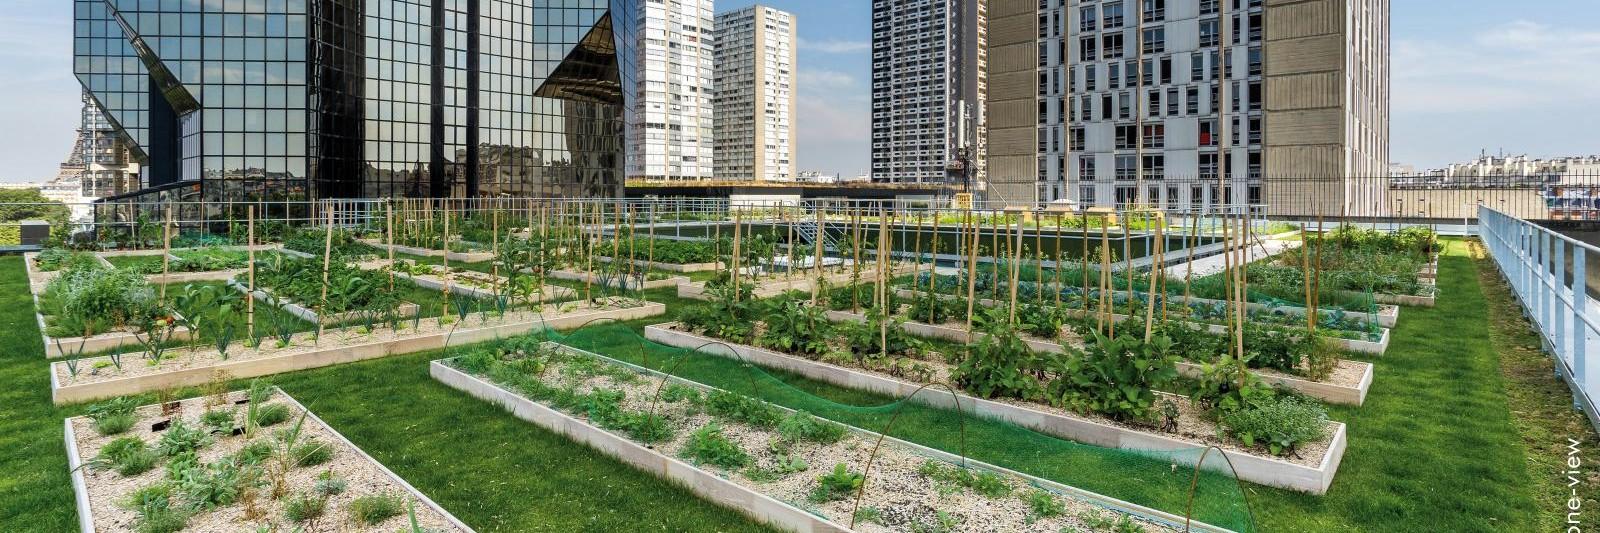 Urban roof top garden at Le Cordon Bleu Paris